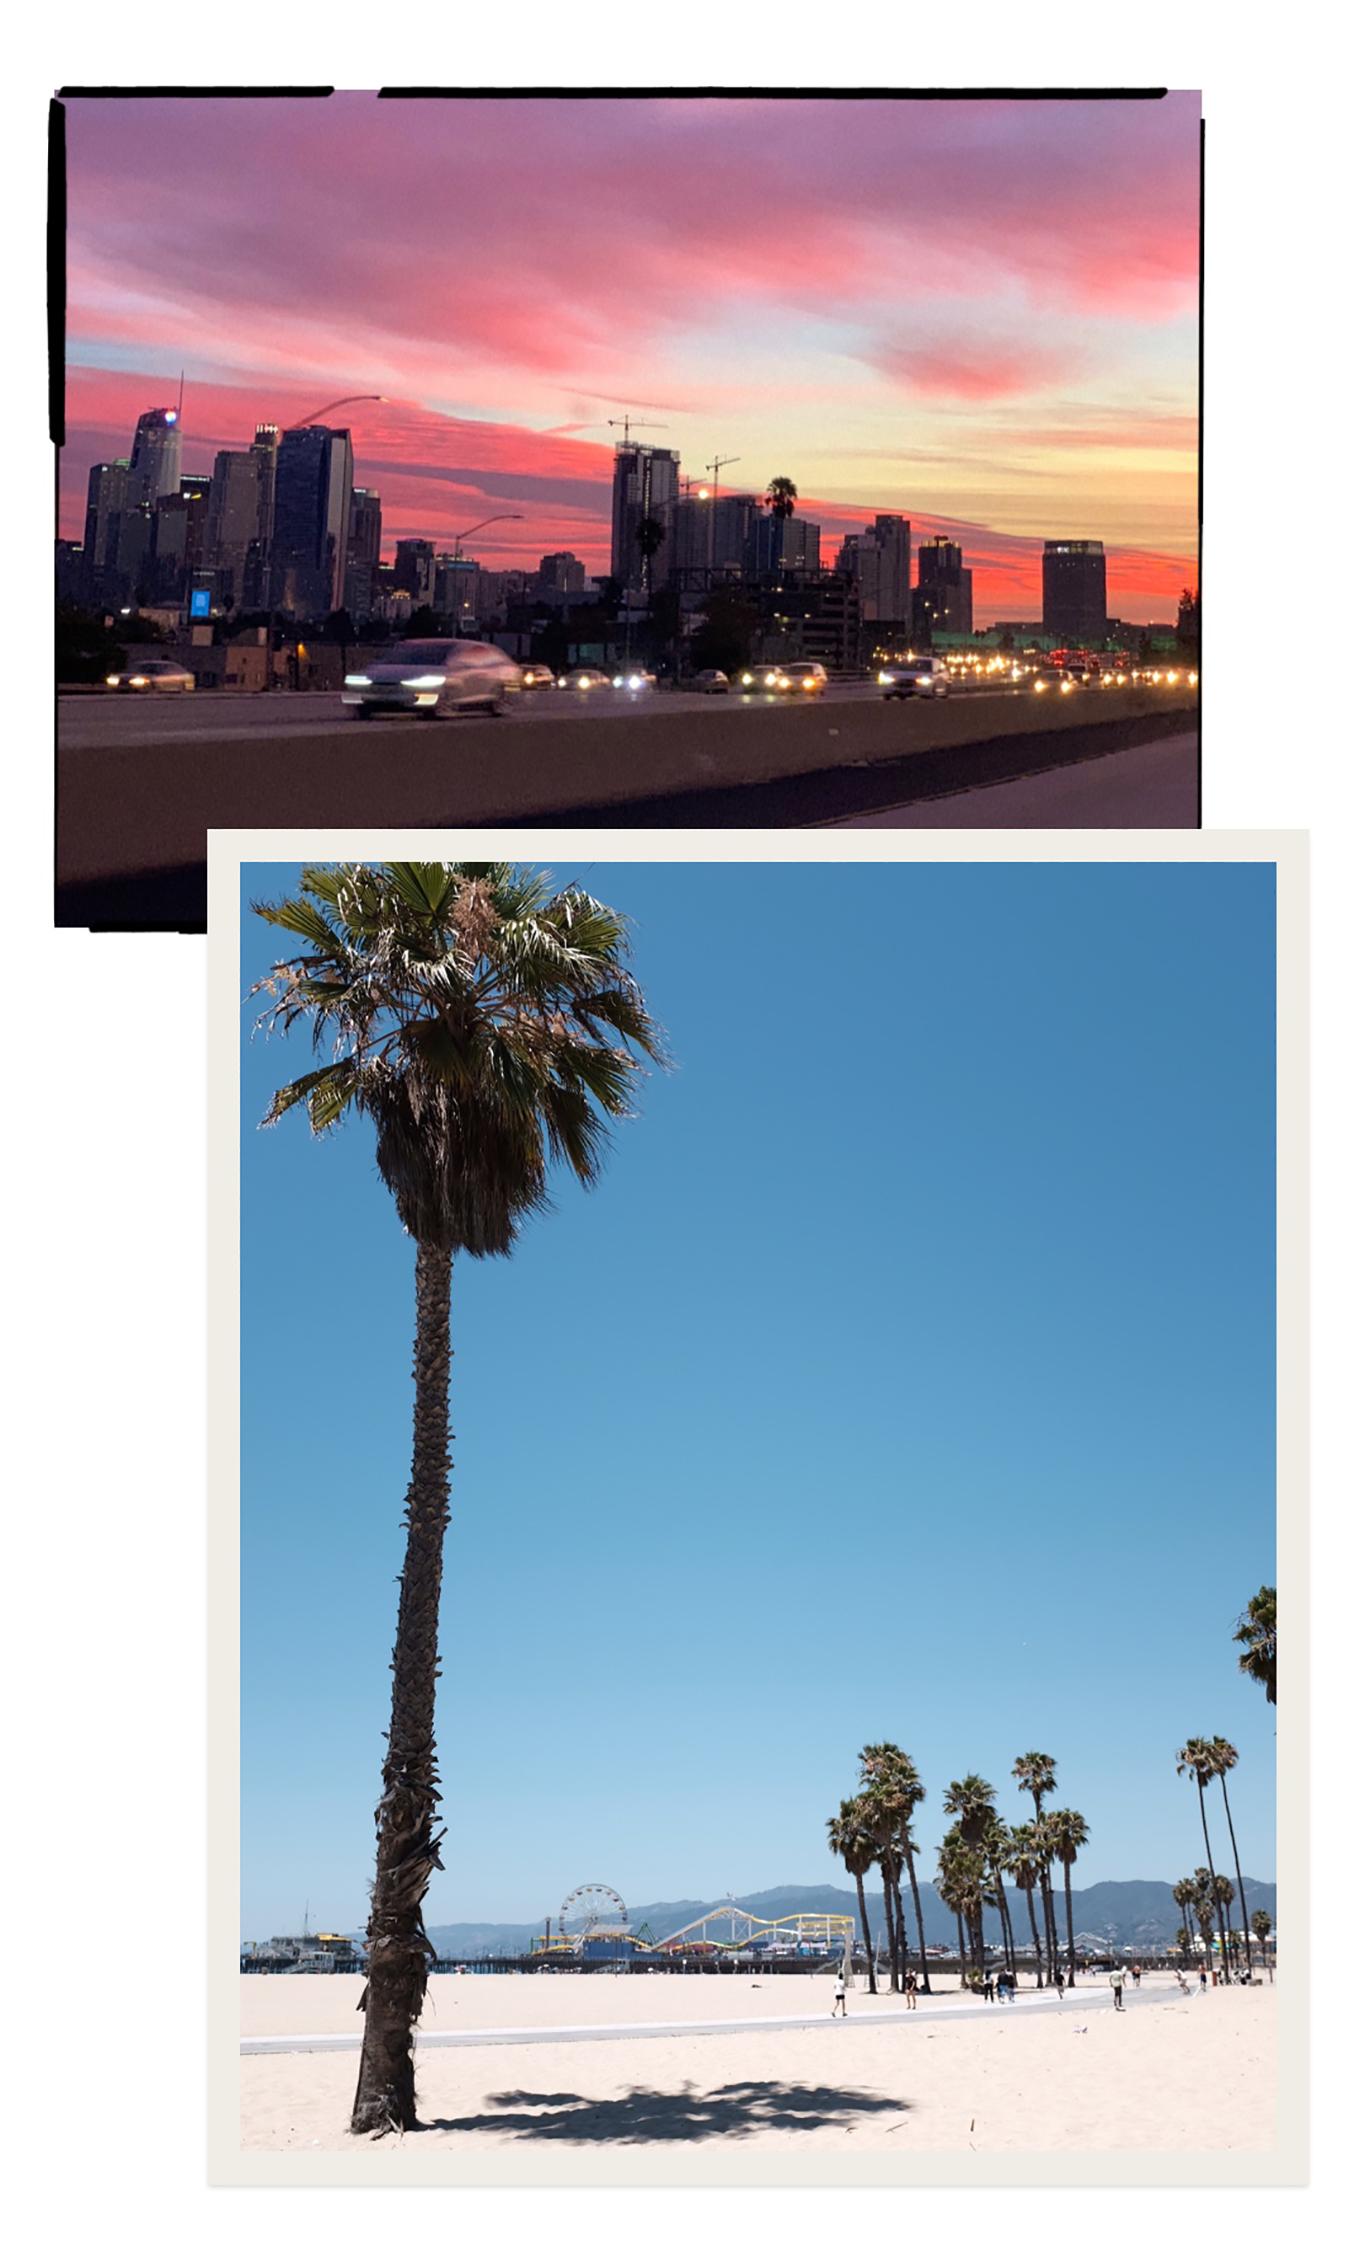 Commuting in LA